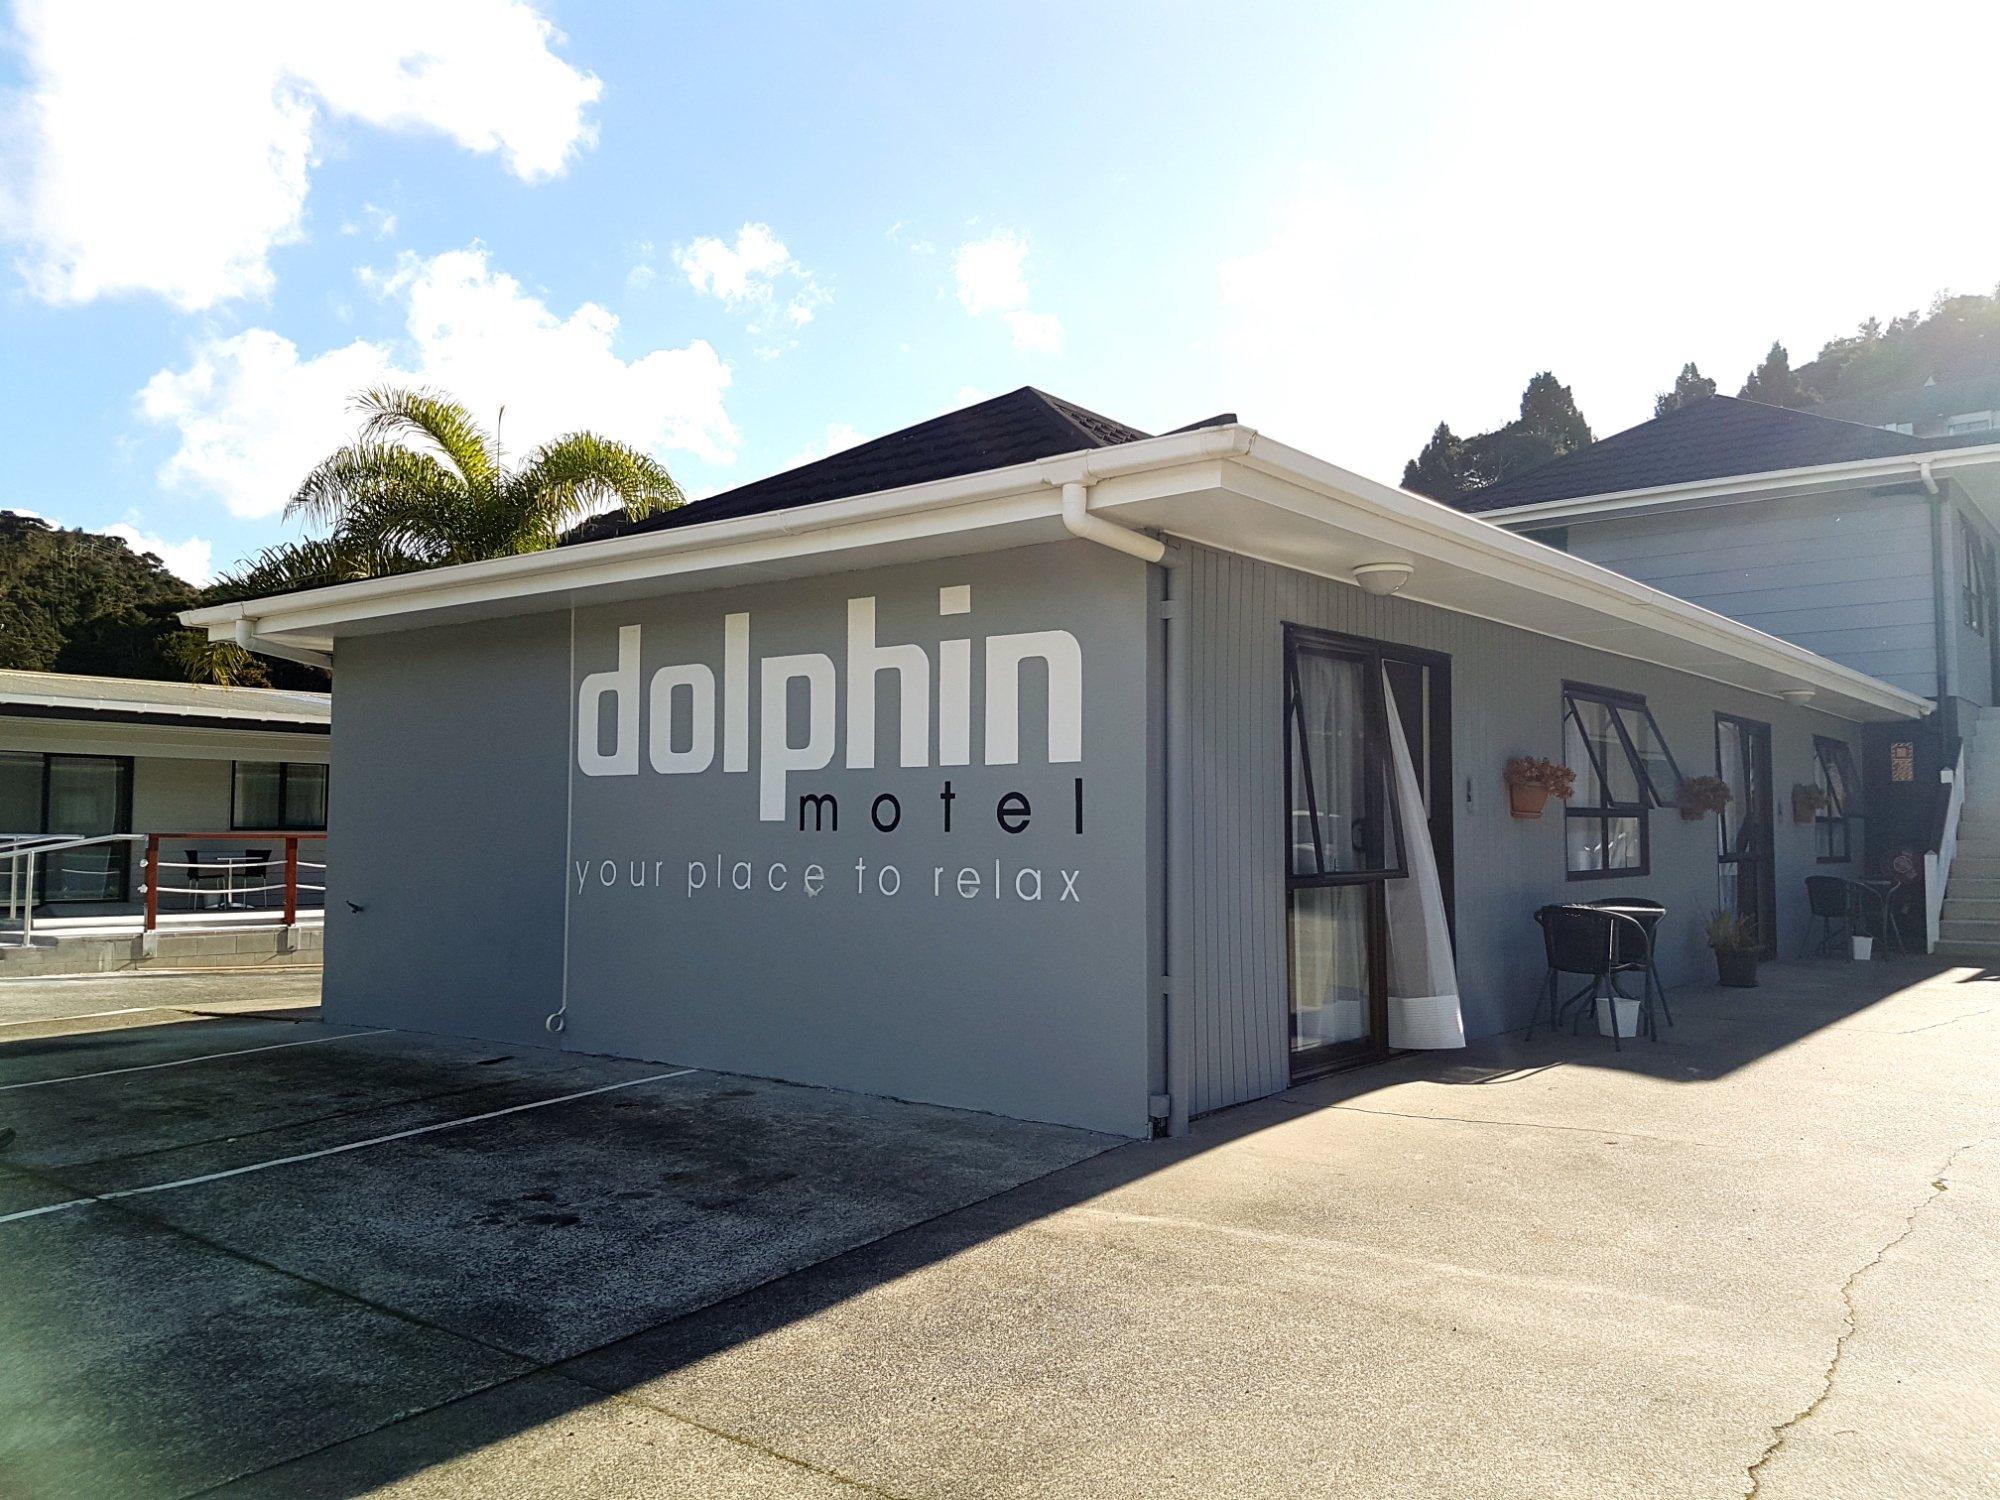 海豚汽車旅館